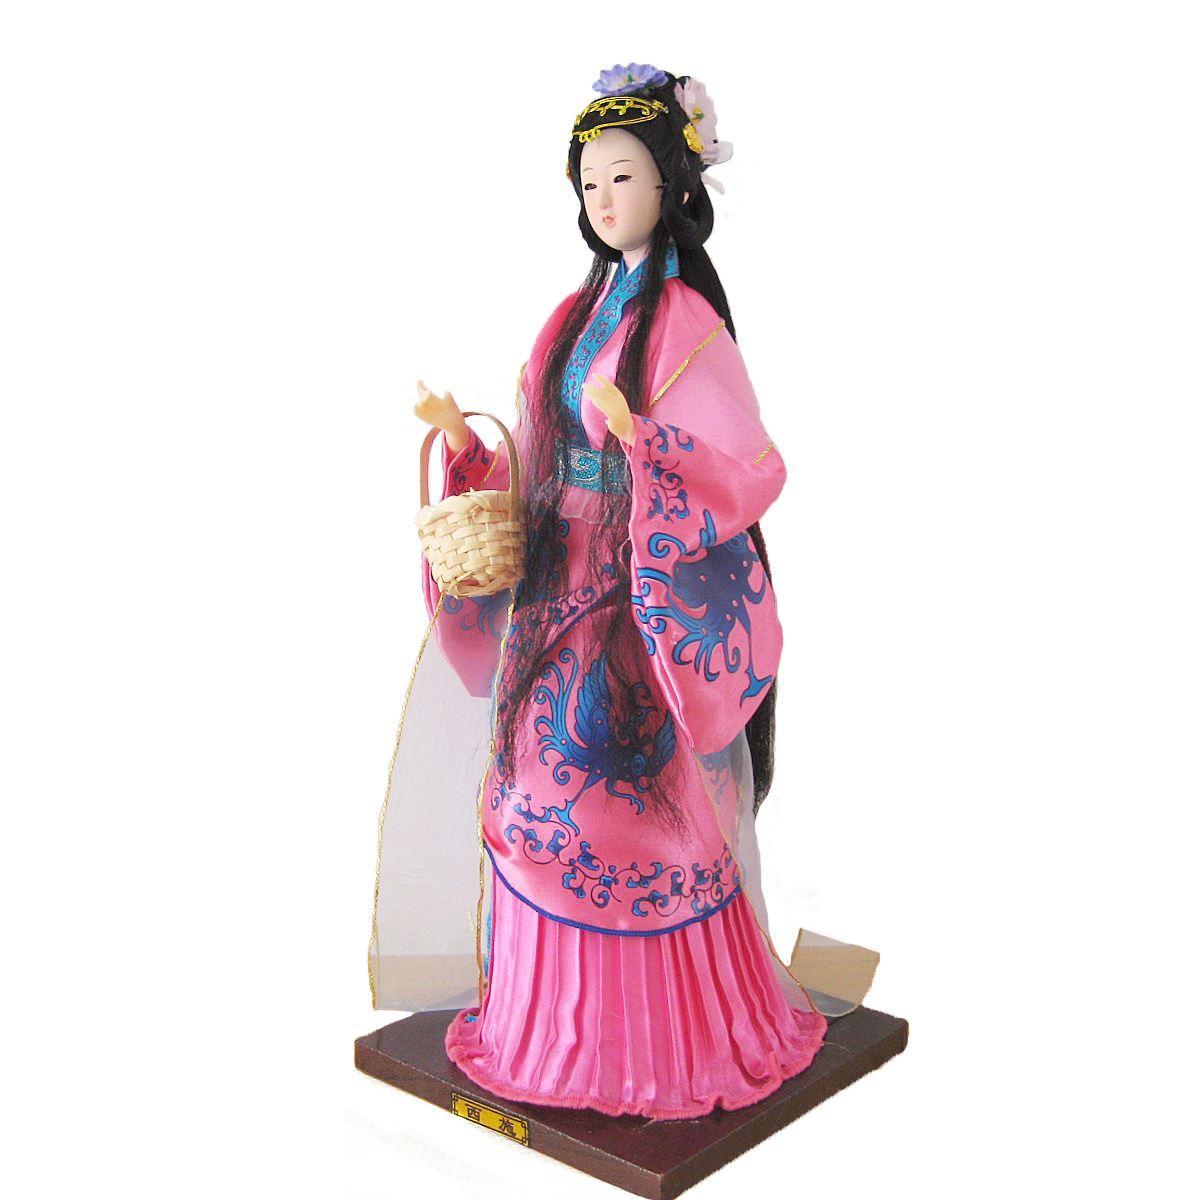 Post costume bambole Bobbi, fatto a mano * caratteristiche creative, regali agli stranieri, bellezza classica orientale Xi Shi